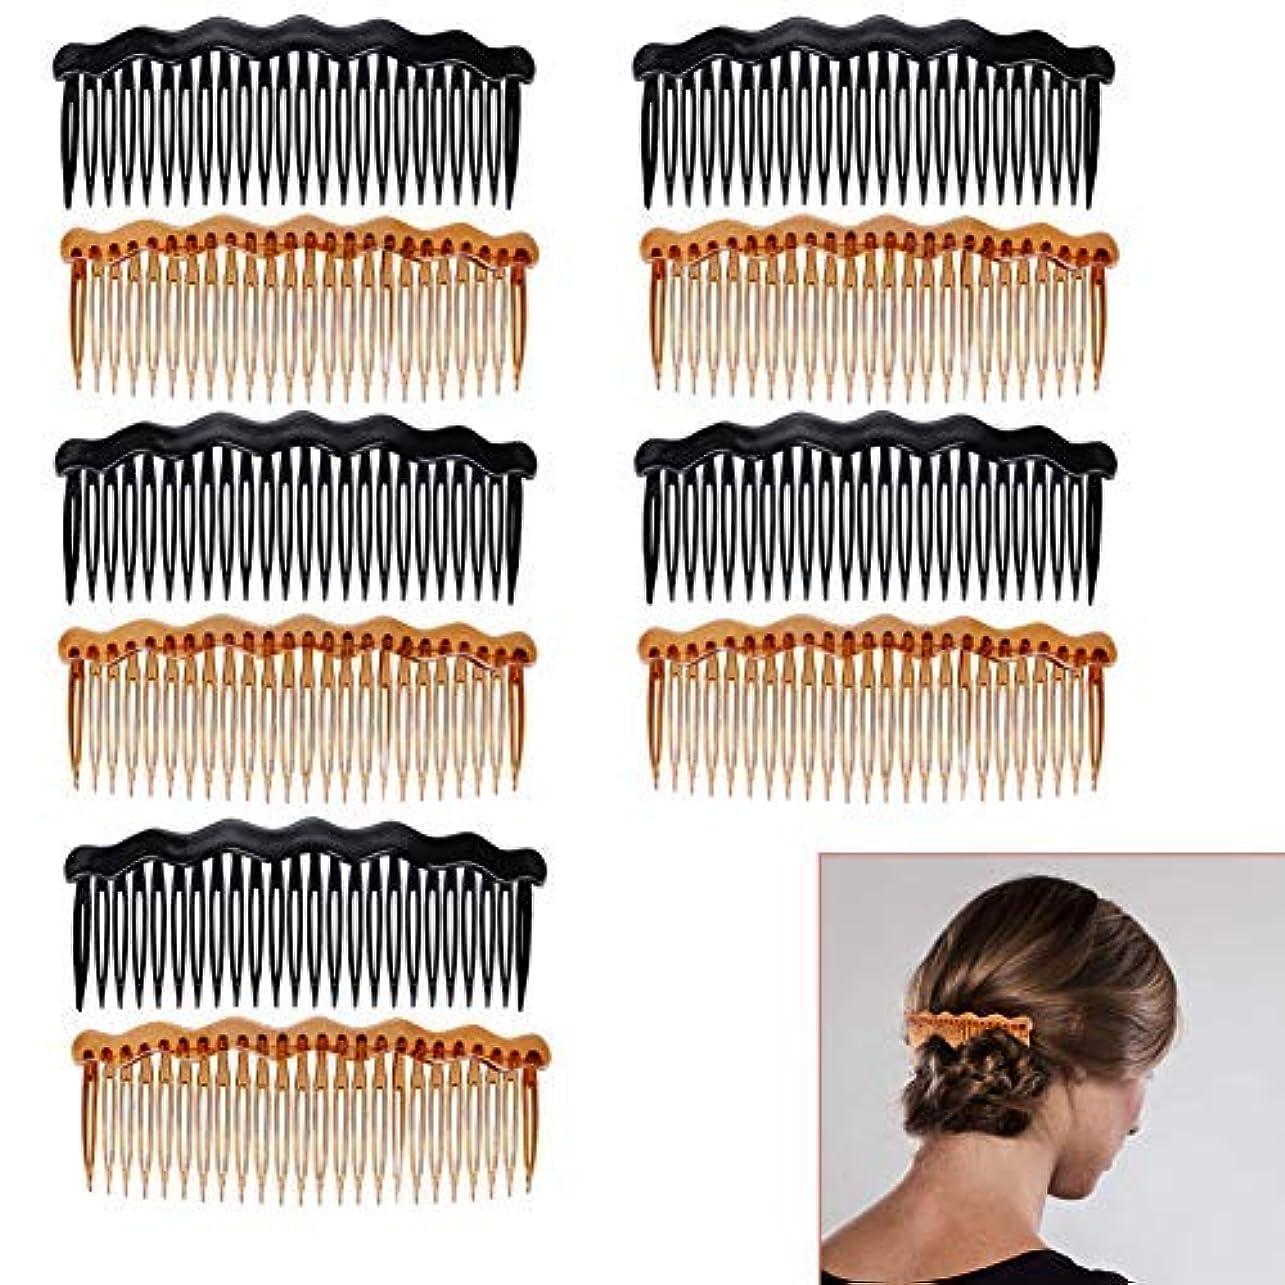 上院効果的に想像力豊かなLuckycivia 10Pcs Plastic French Twist Comb, Side Hair Combs with 24 Teeth Hair Comb for Fine Hair,Hair Combs Accessories...